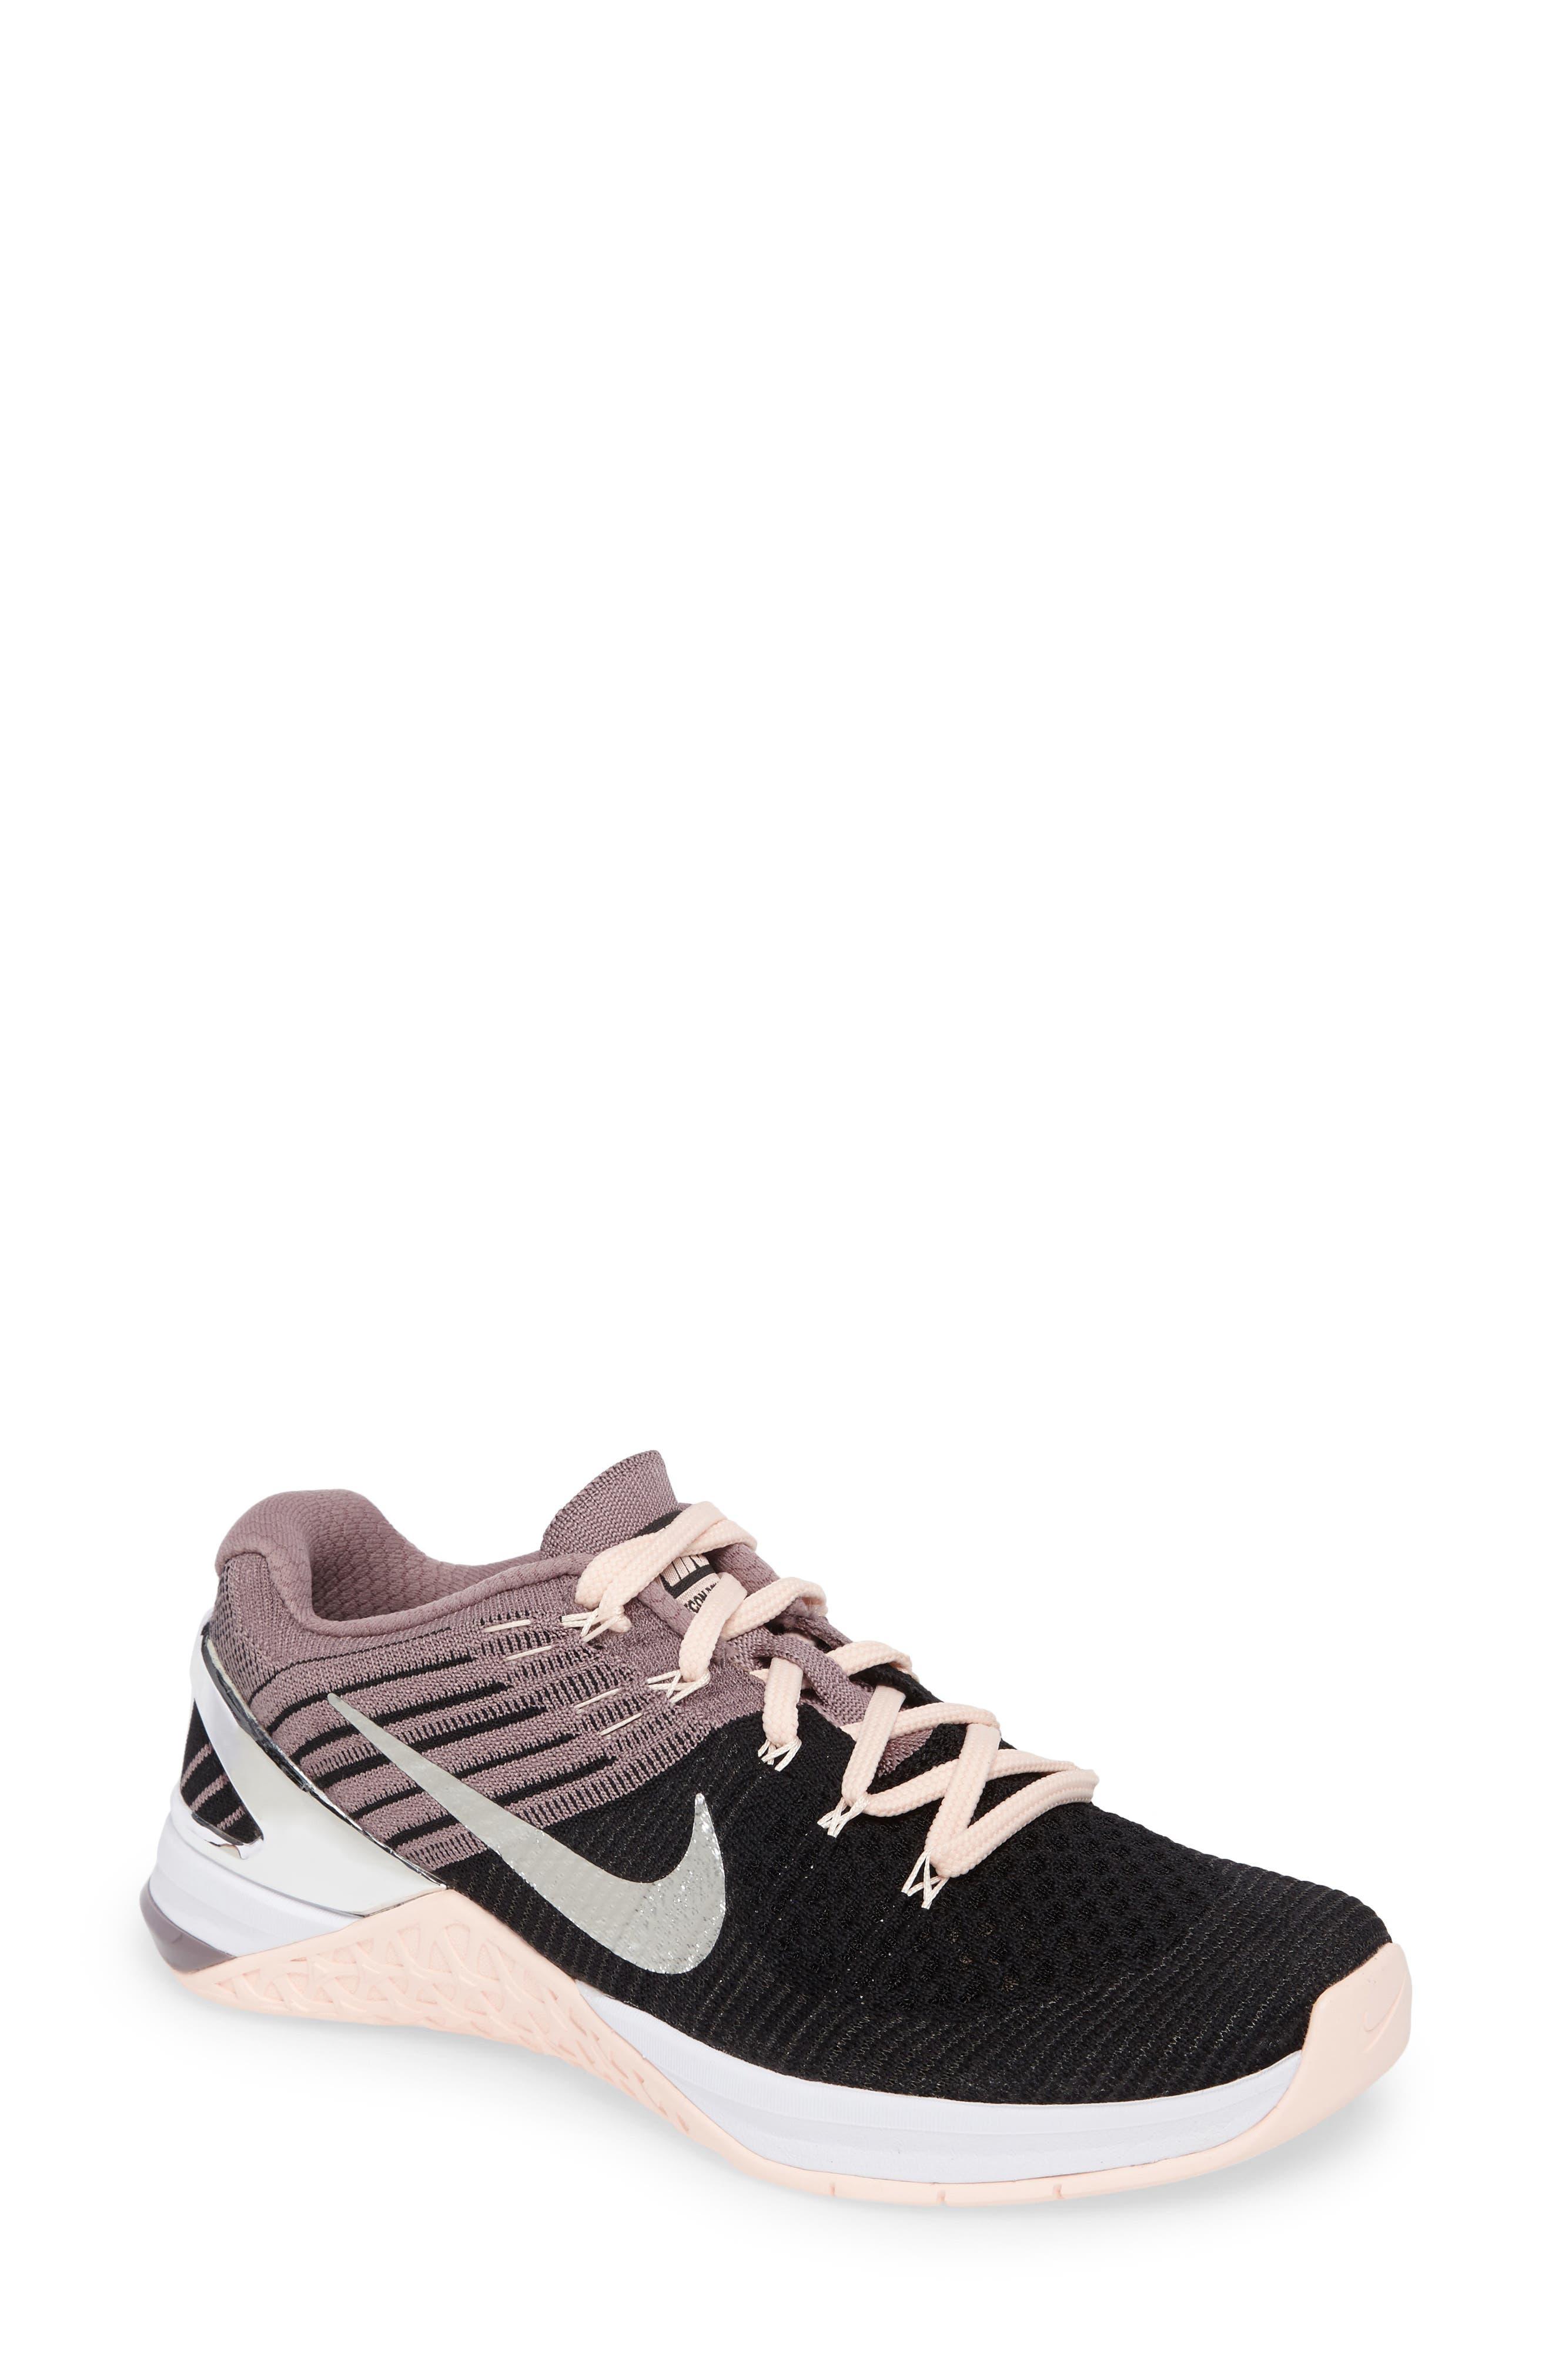 Main Image - Nike Metcon DSX Flyknit Chrome Blush Training Shoe (Women)